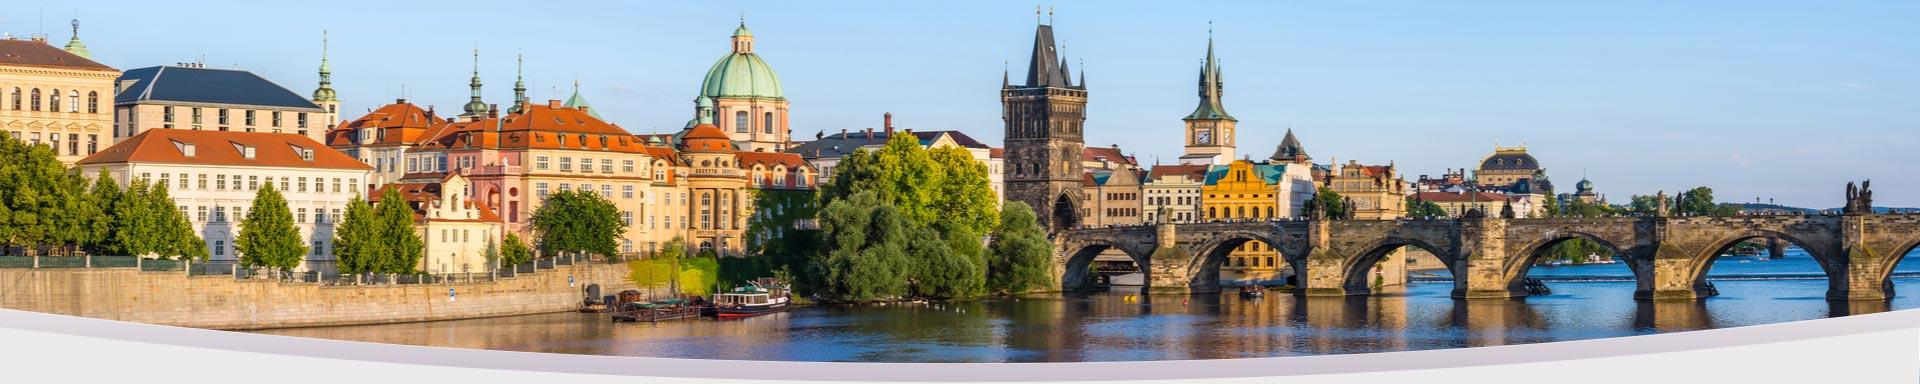 Scenic view of Prague and Charles Bridge